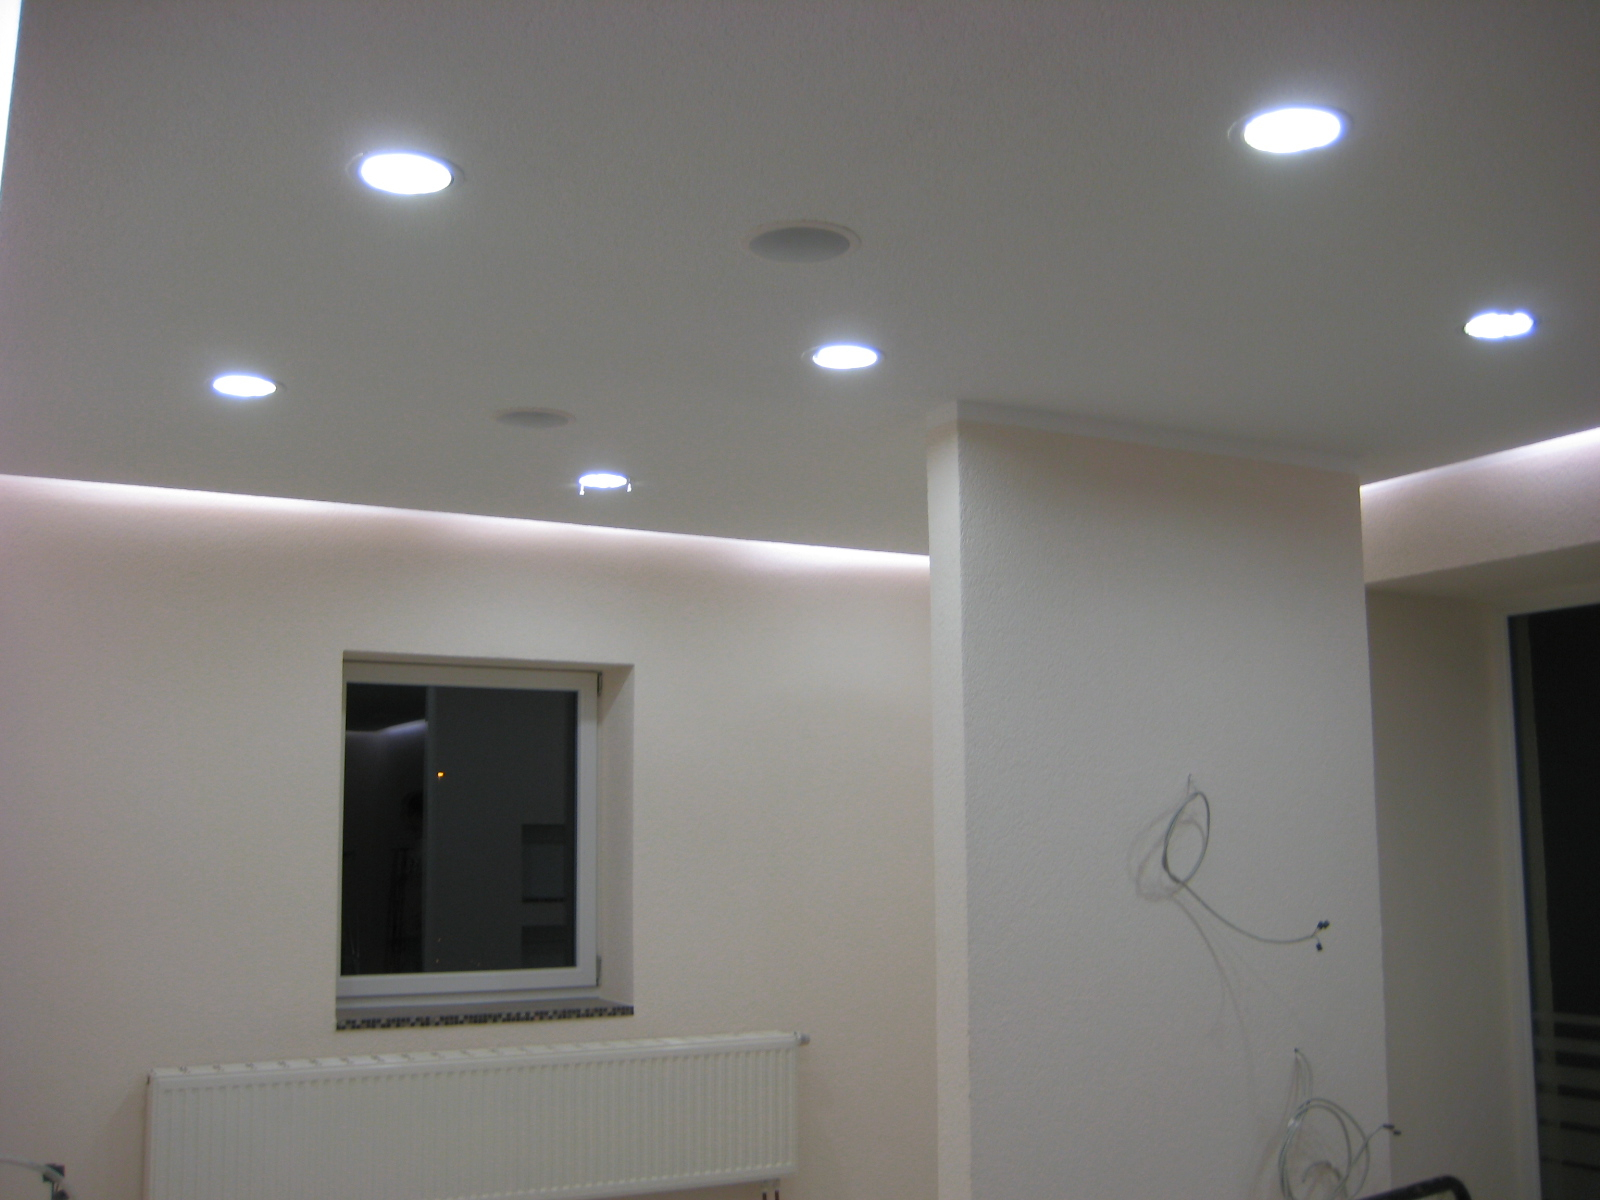 Neubau komplettes Haus mit LEDs